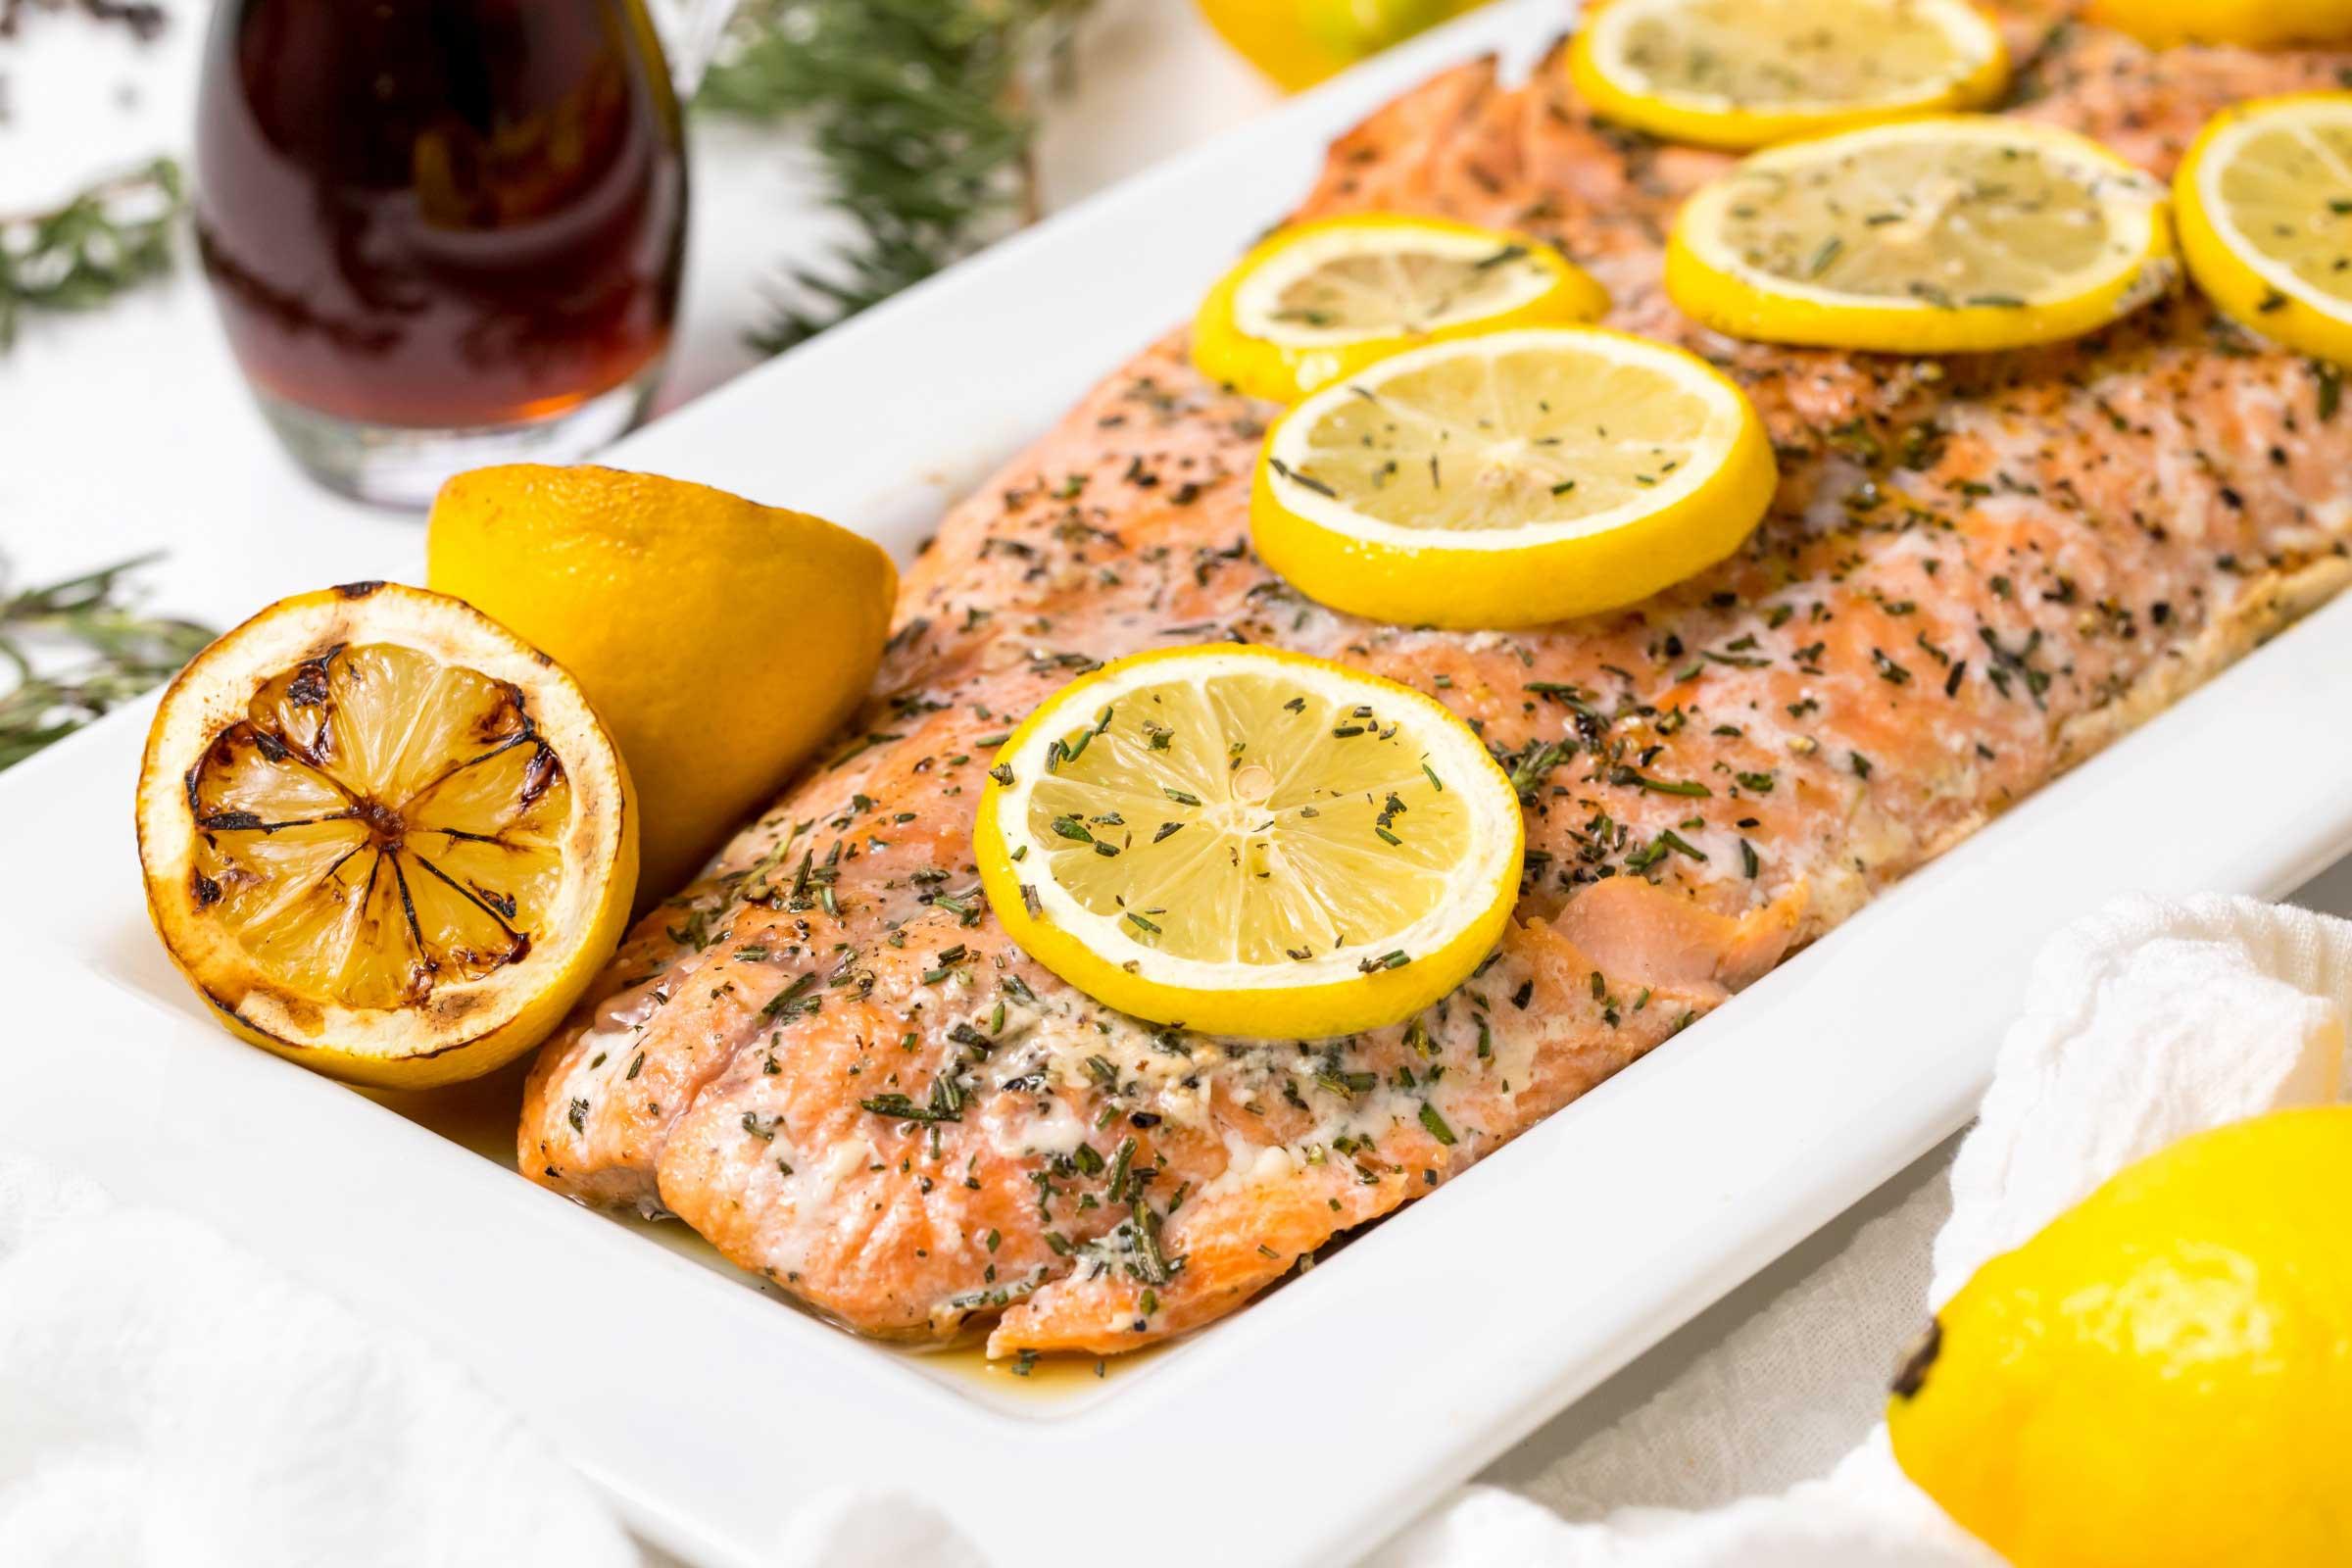 O salmão que não é saudável